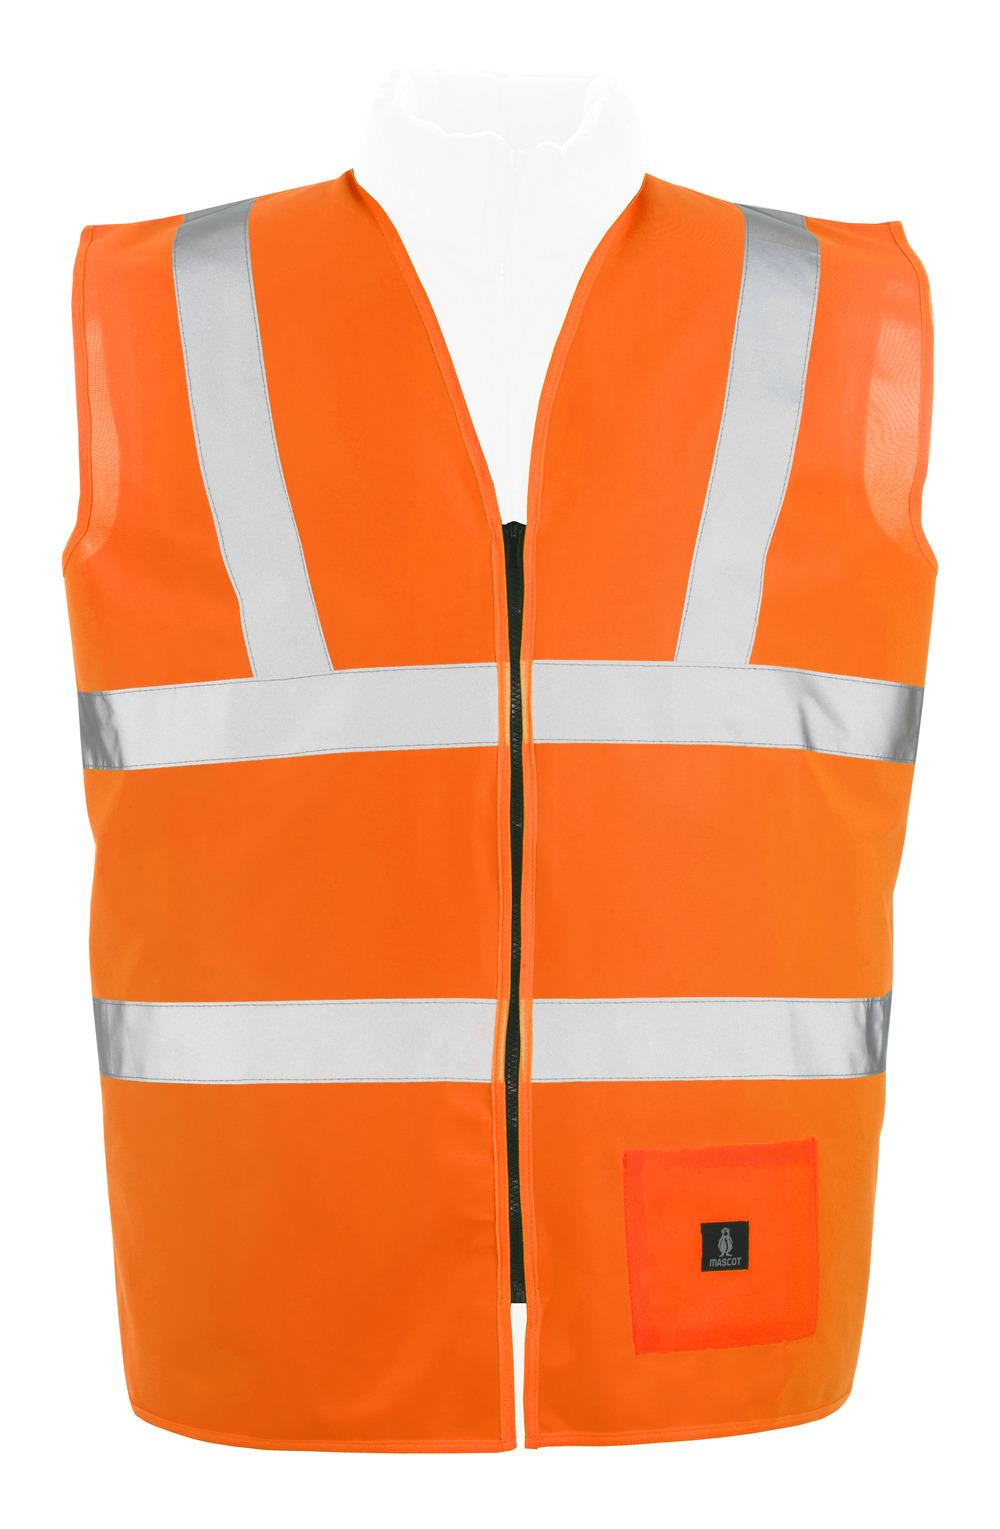 50107-310-14 Traffic Vest - hi-vis orange